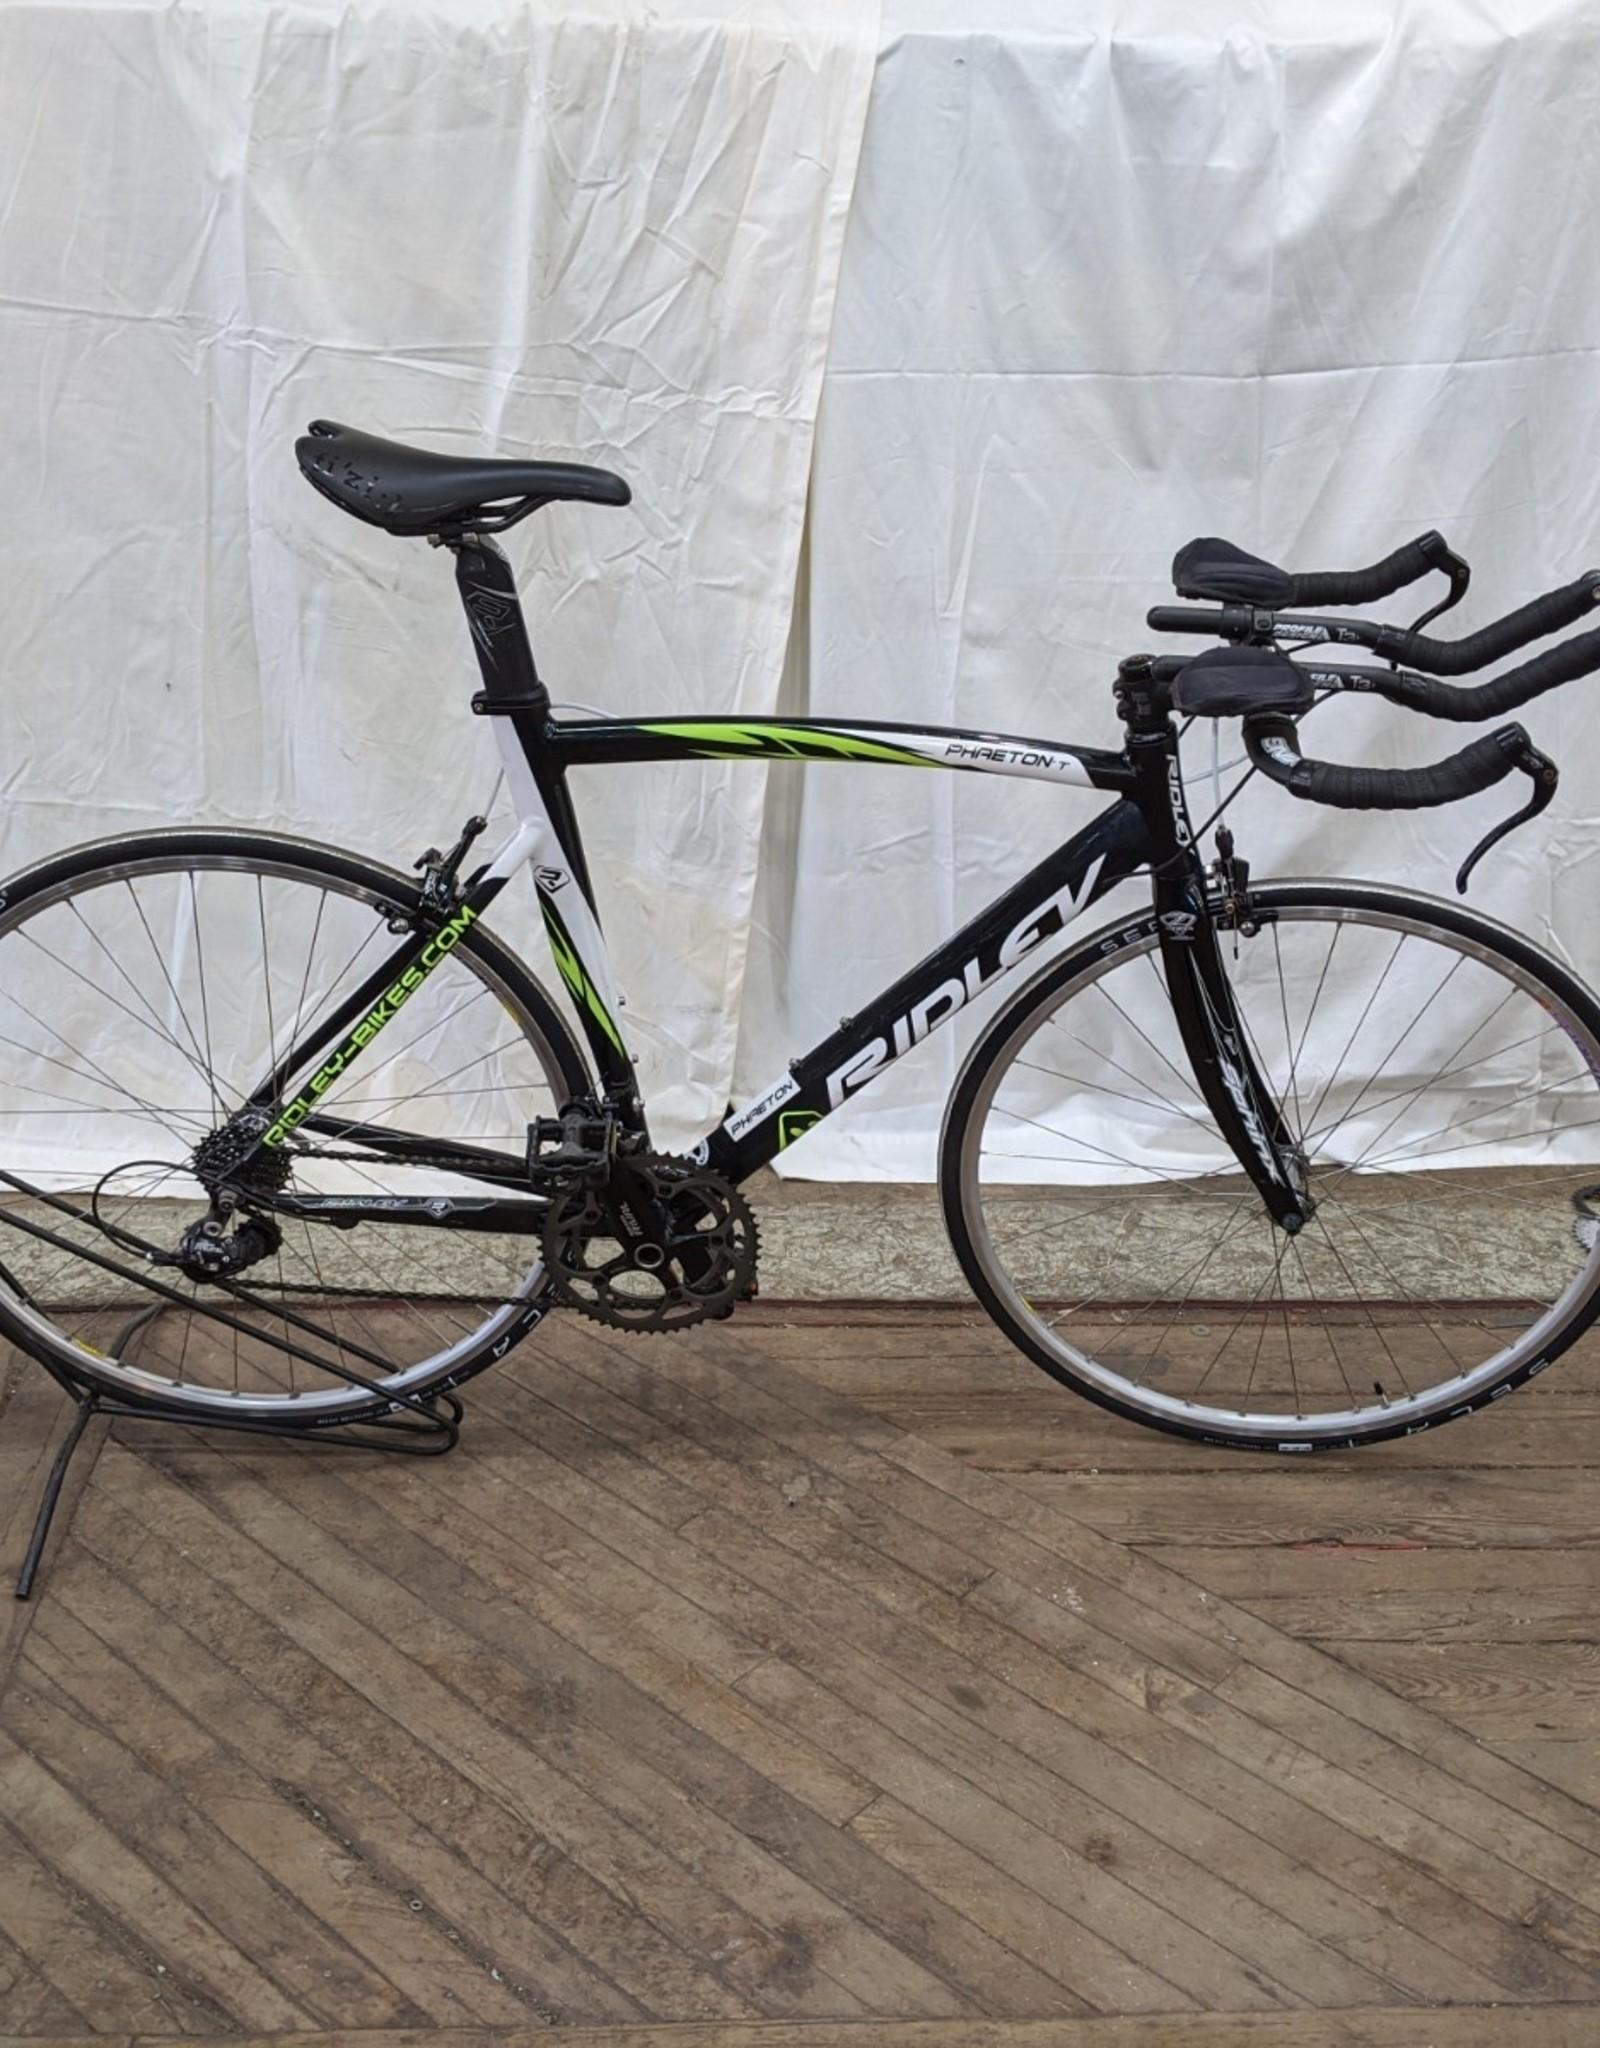 56cm Ridley Phaeton (9270, sf)